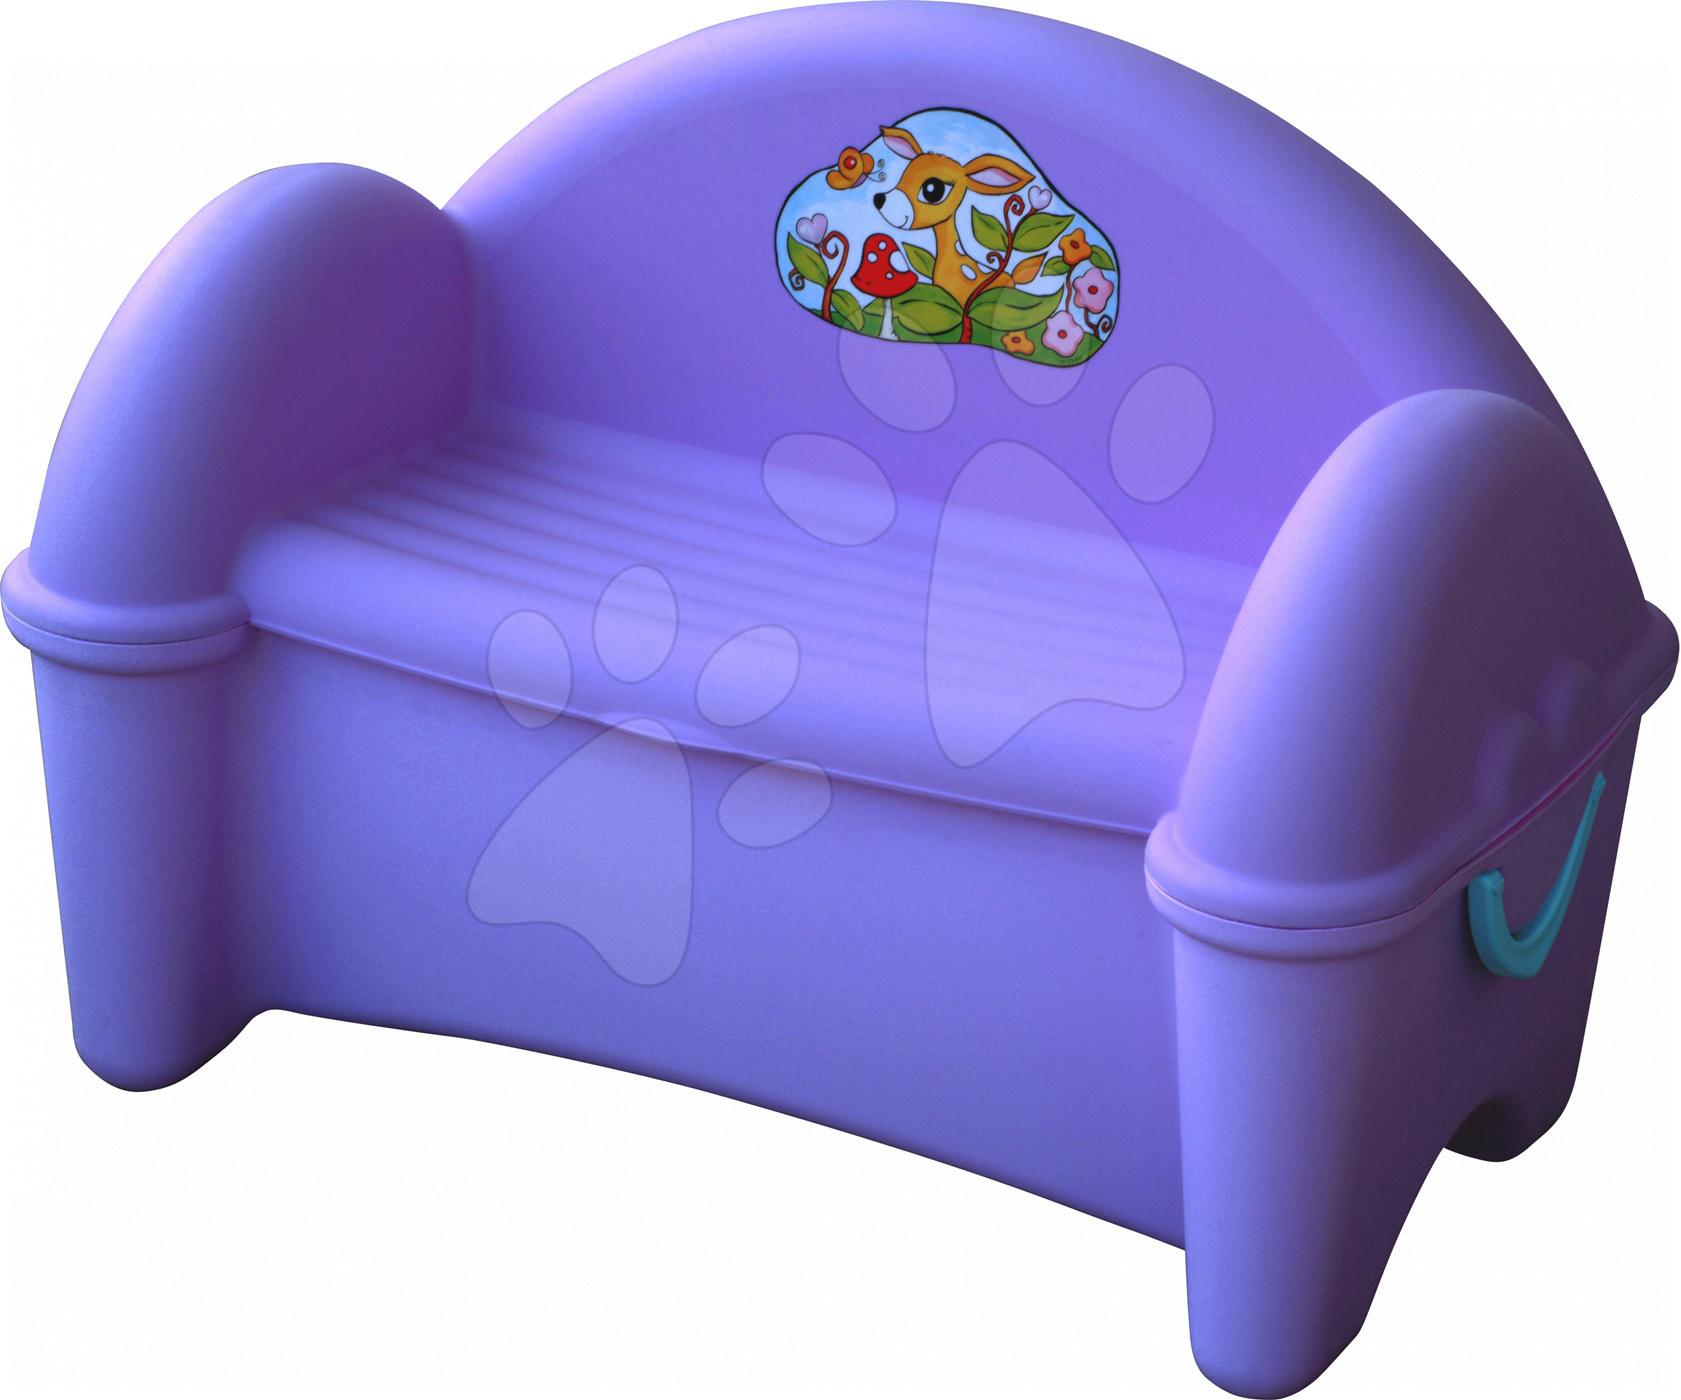 Detský záhradný nábytok - Pohovka PalPlay s úložným priestorom pre hračky fialová